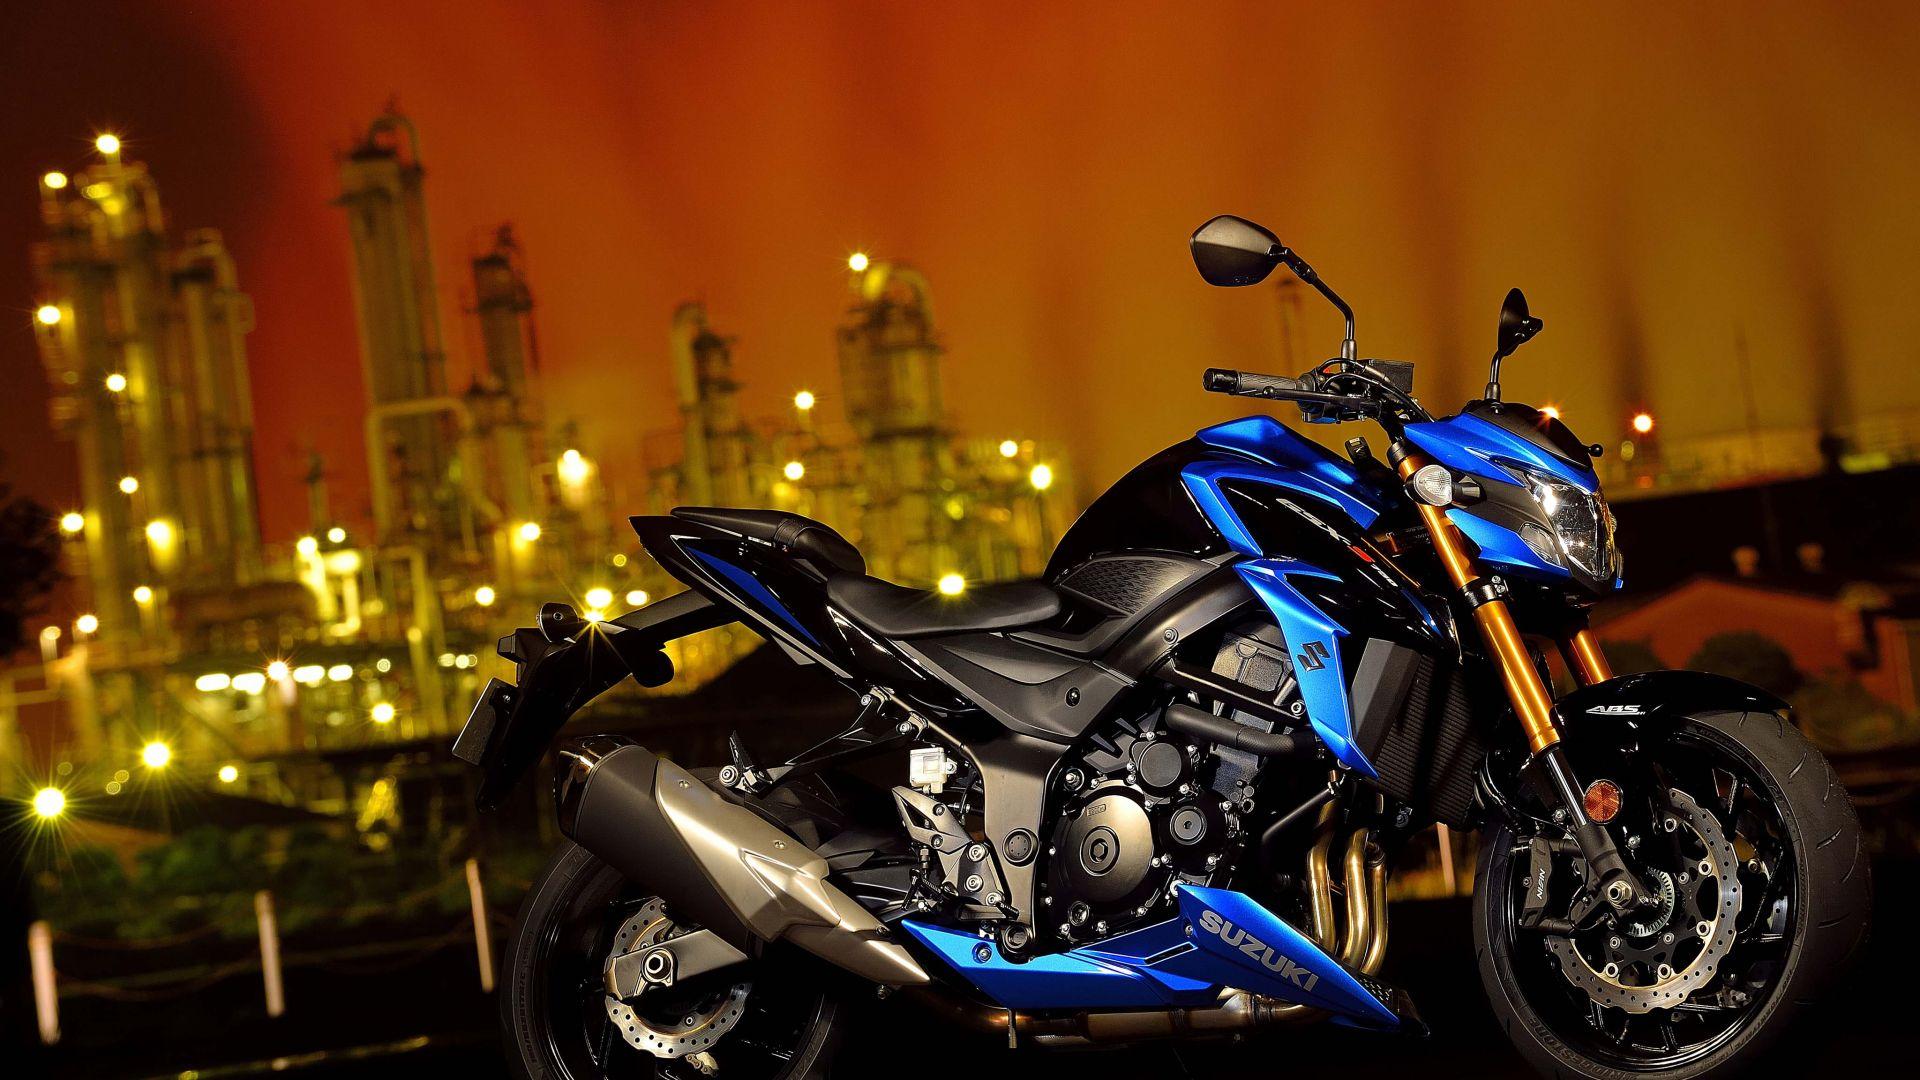 Wallpaper Suzuki GSX-S750, 2018 Bikes, 4k, Cars & Bikes